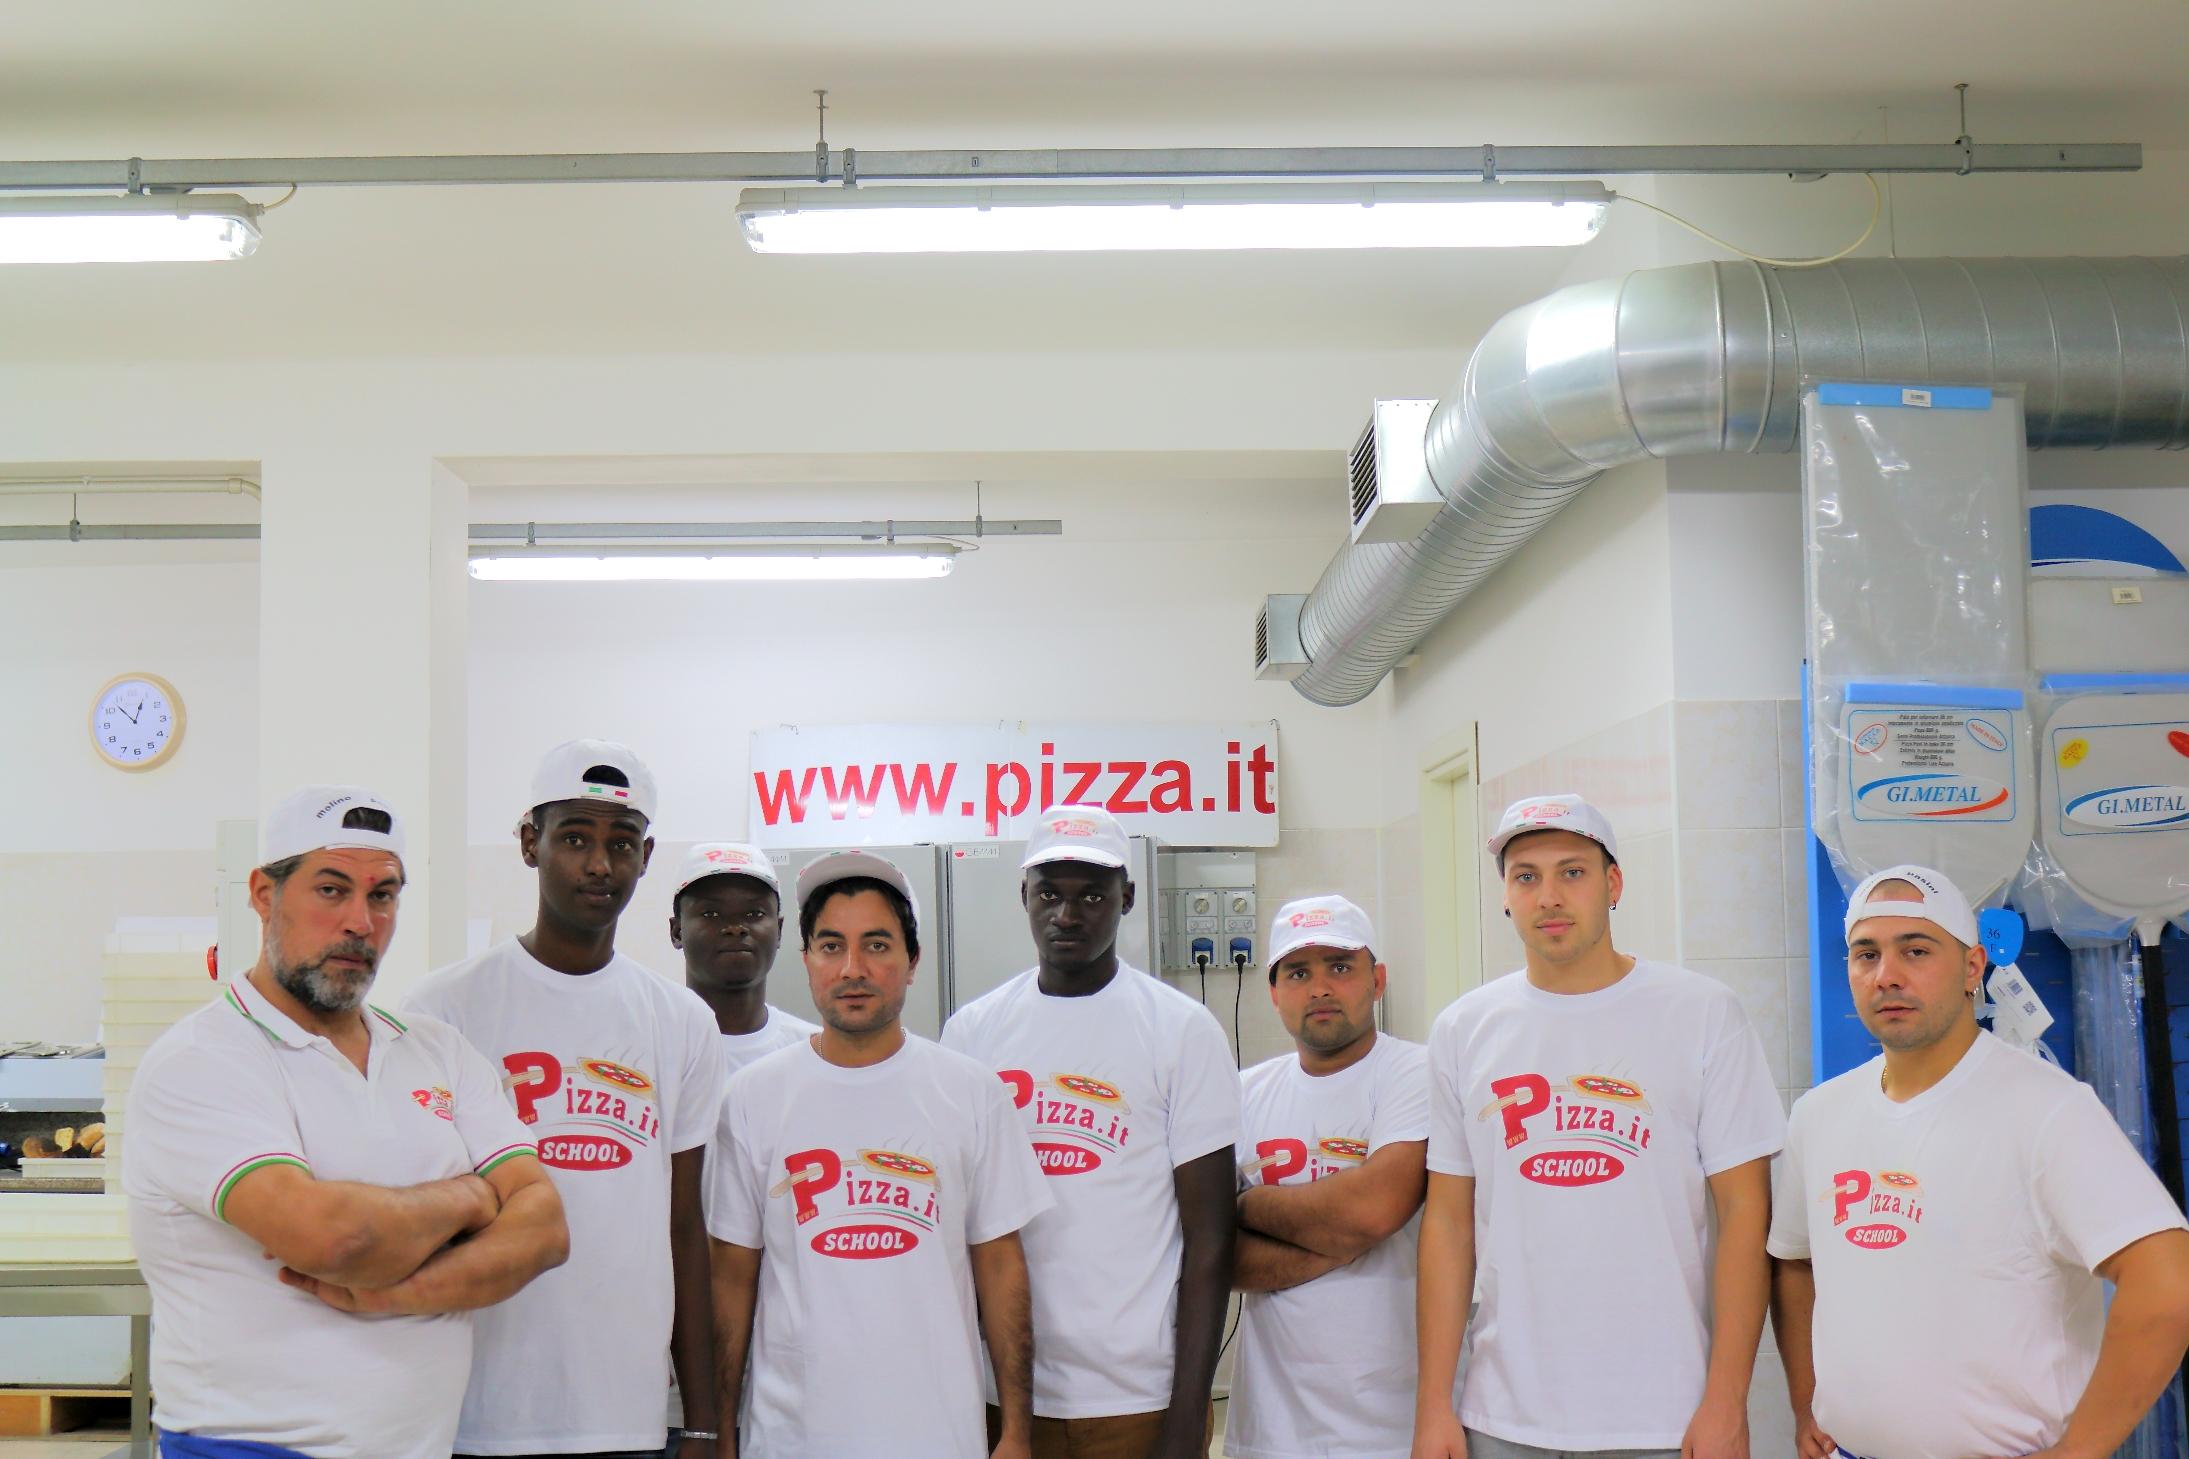 Pizza.it School-Scuola di formazione pizzaioli professionisti